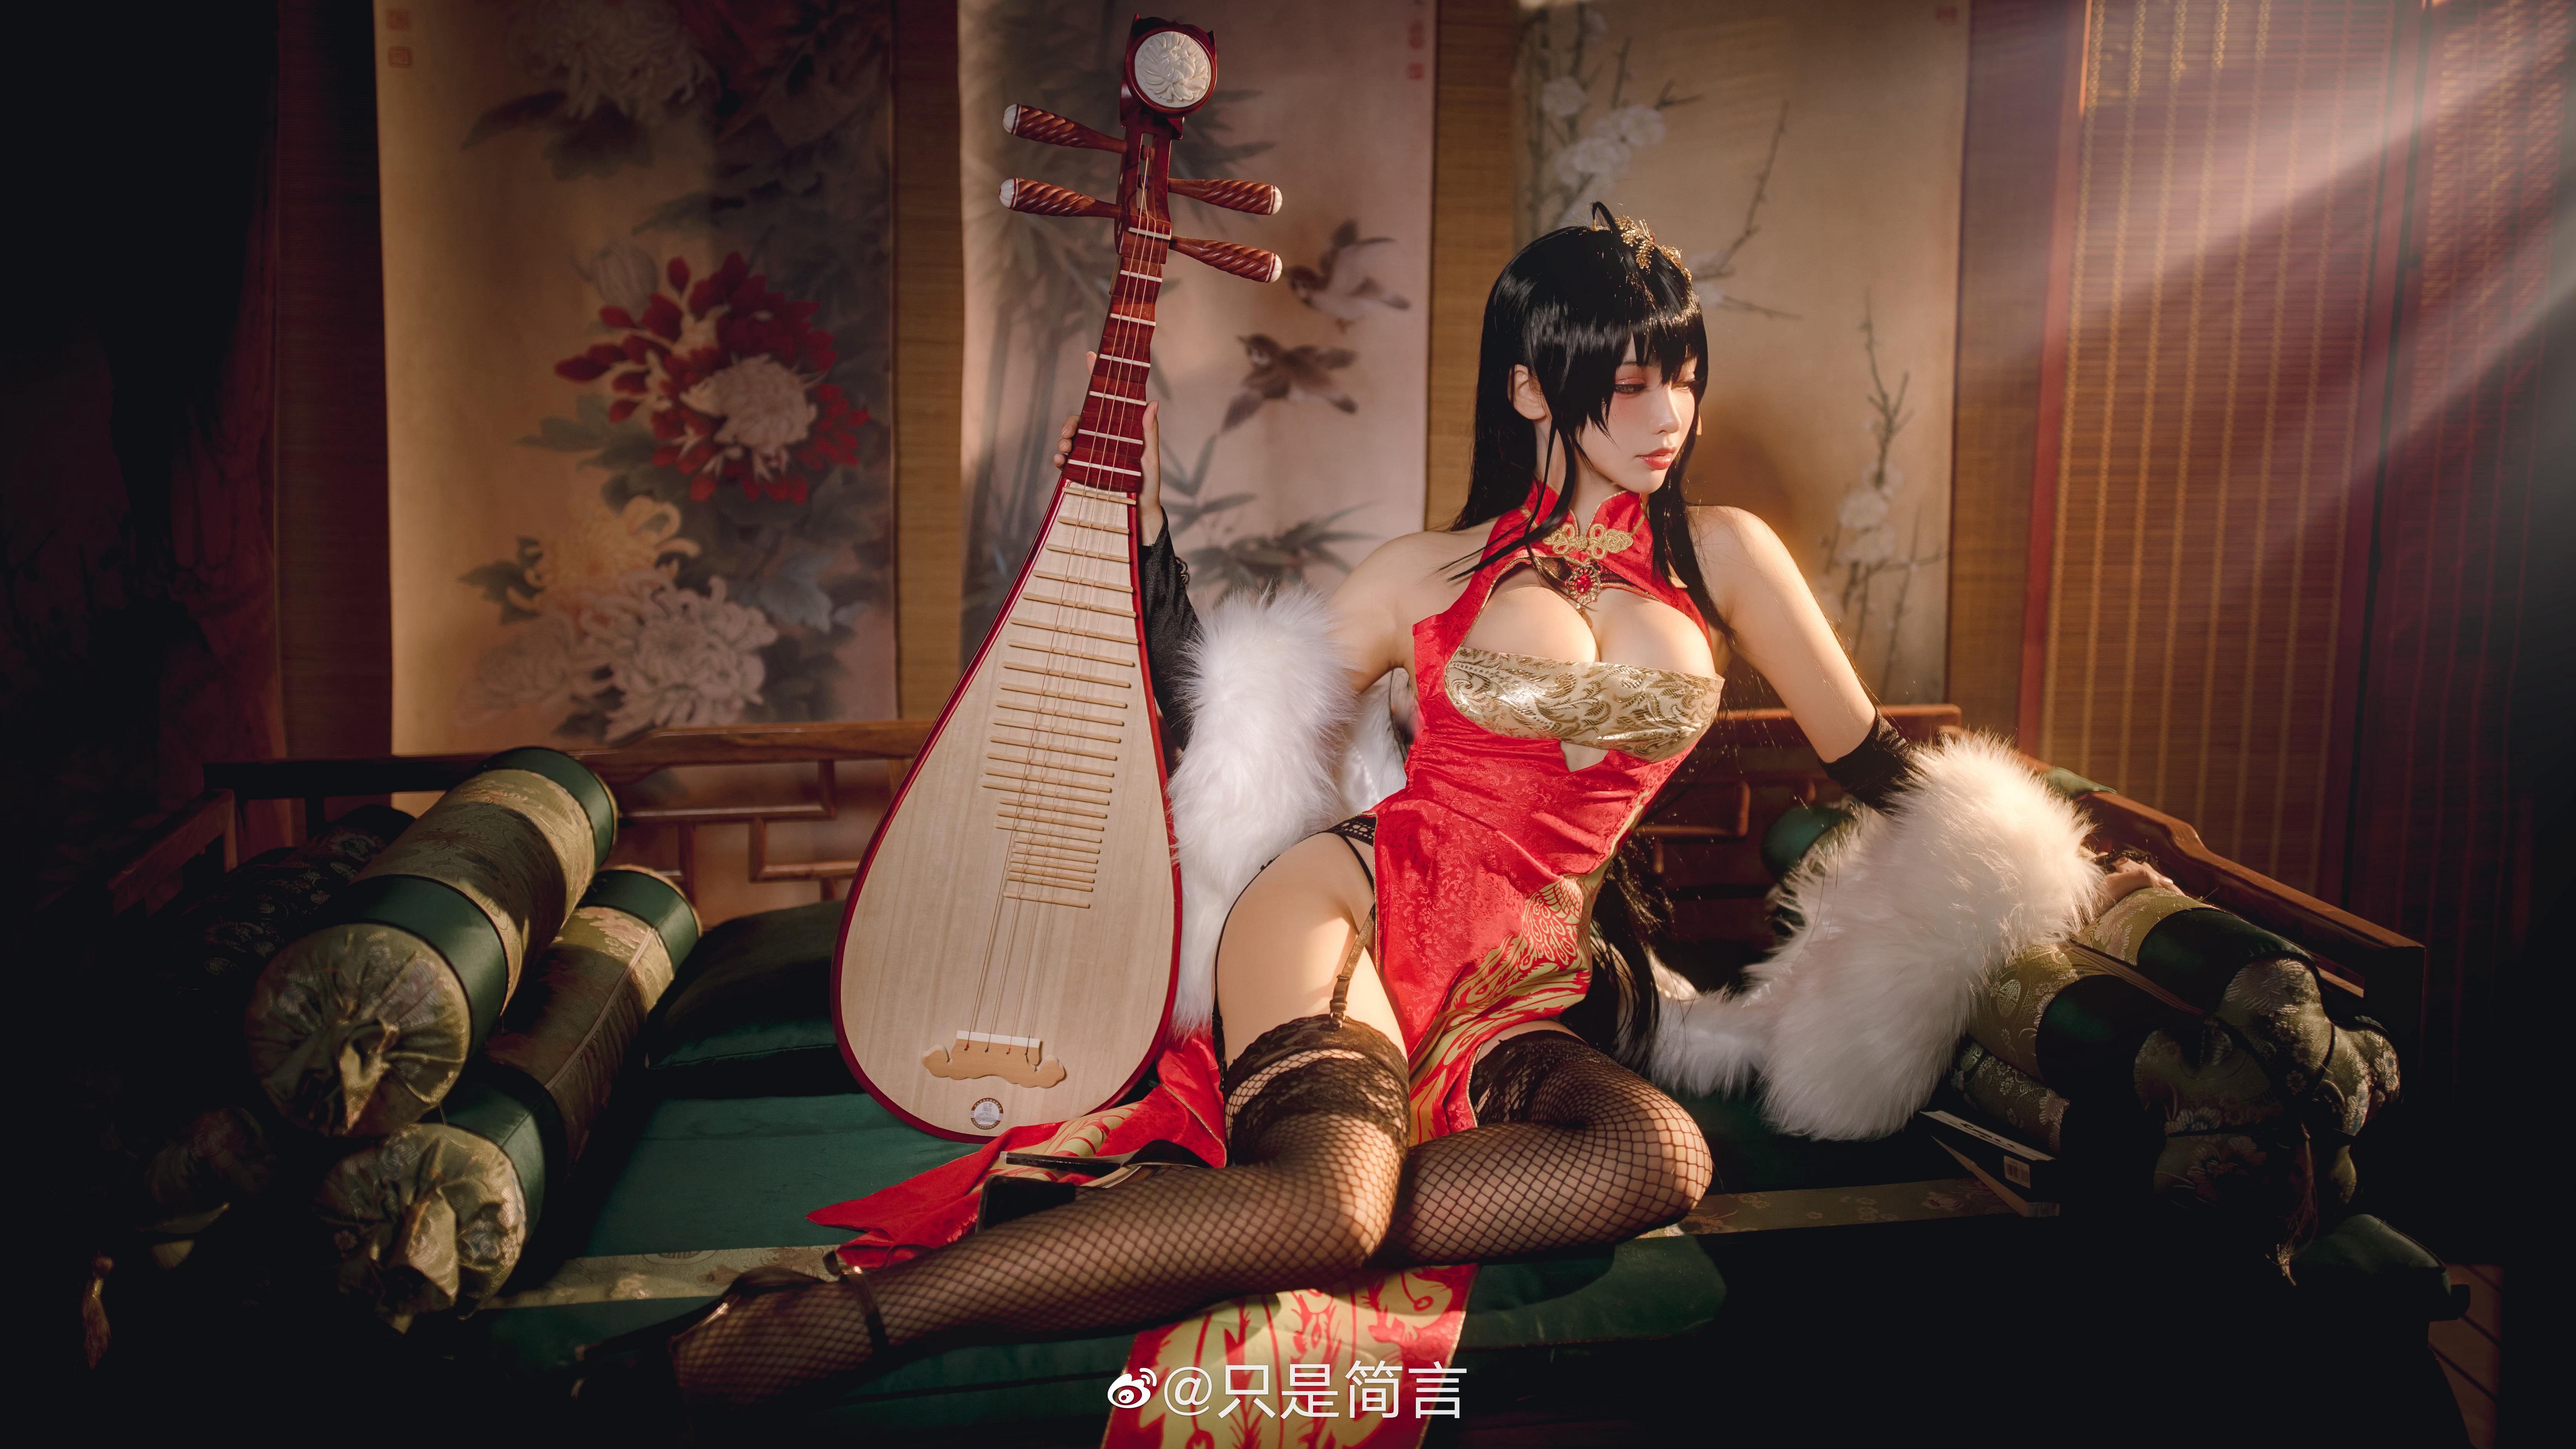 碧蓝航线 大凤新春旗袍 Cosplay-第4张